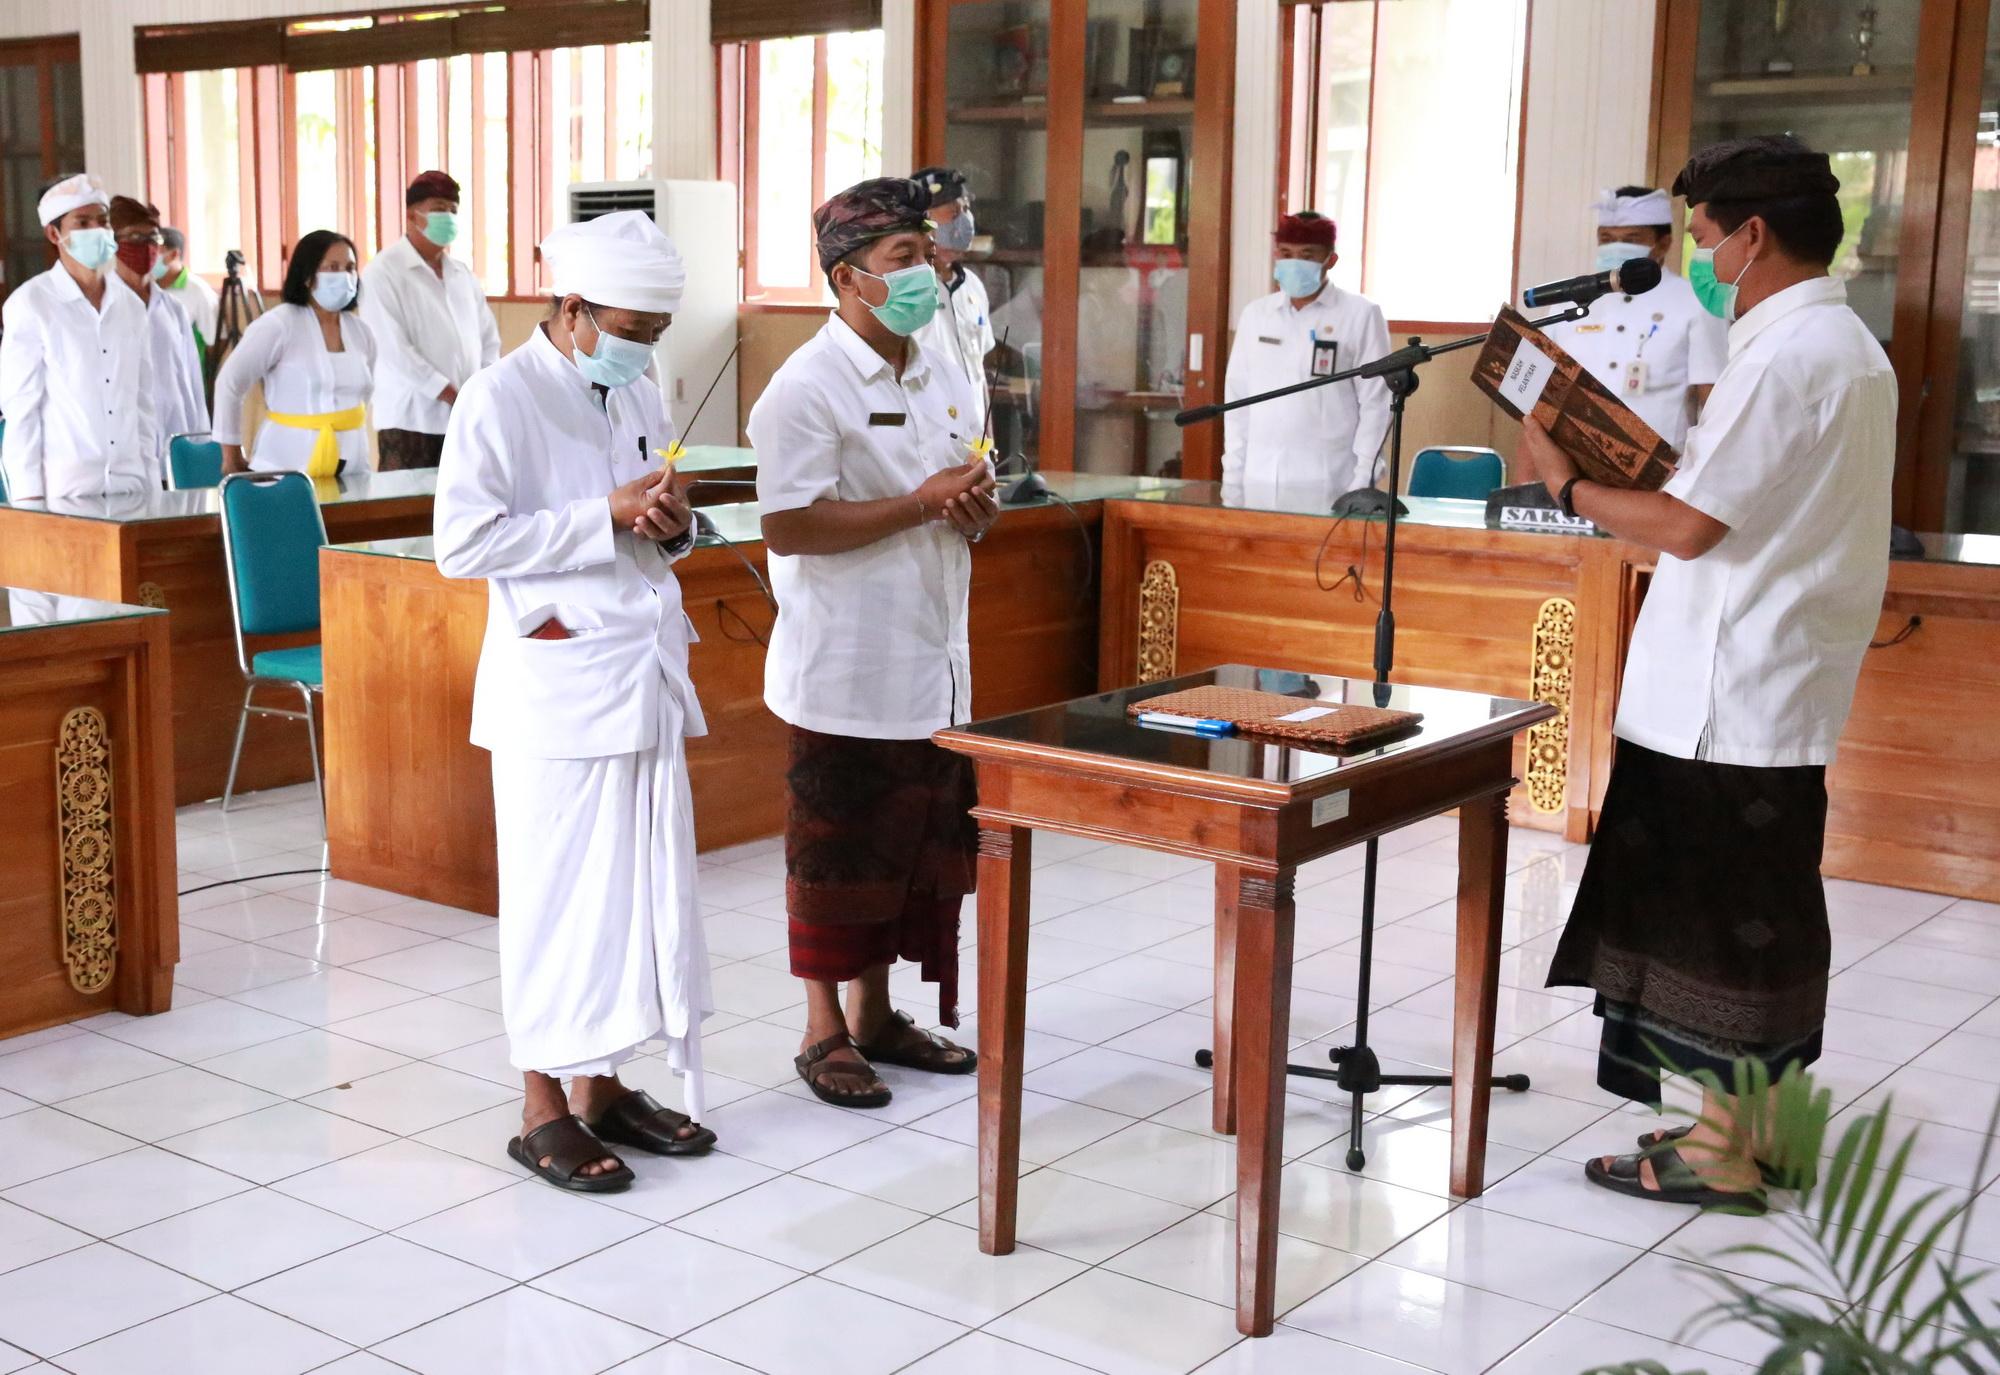 BUPATI Suwirta mengukuhkan dr. Ketut Agus Biomantara sebagai Kelapa UPTD Puskesmas Banjarangkan II di ruang rapat Praja Mandala Kantor Bupati Klungkung, Rabu (10/2/2021). Foto: ist